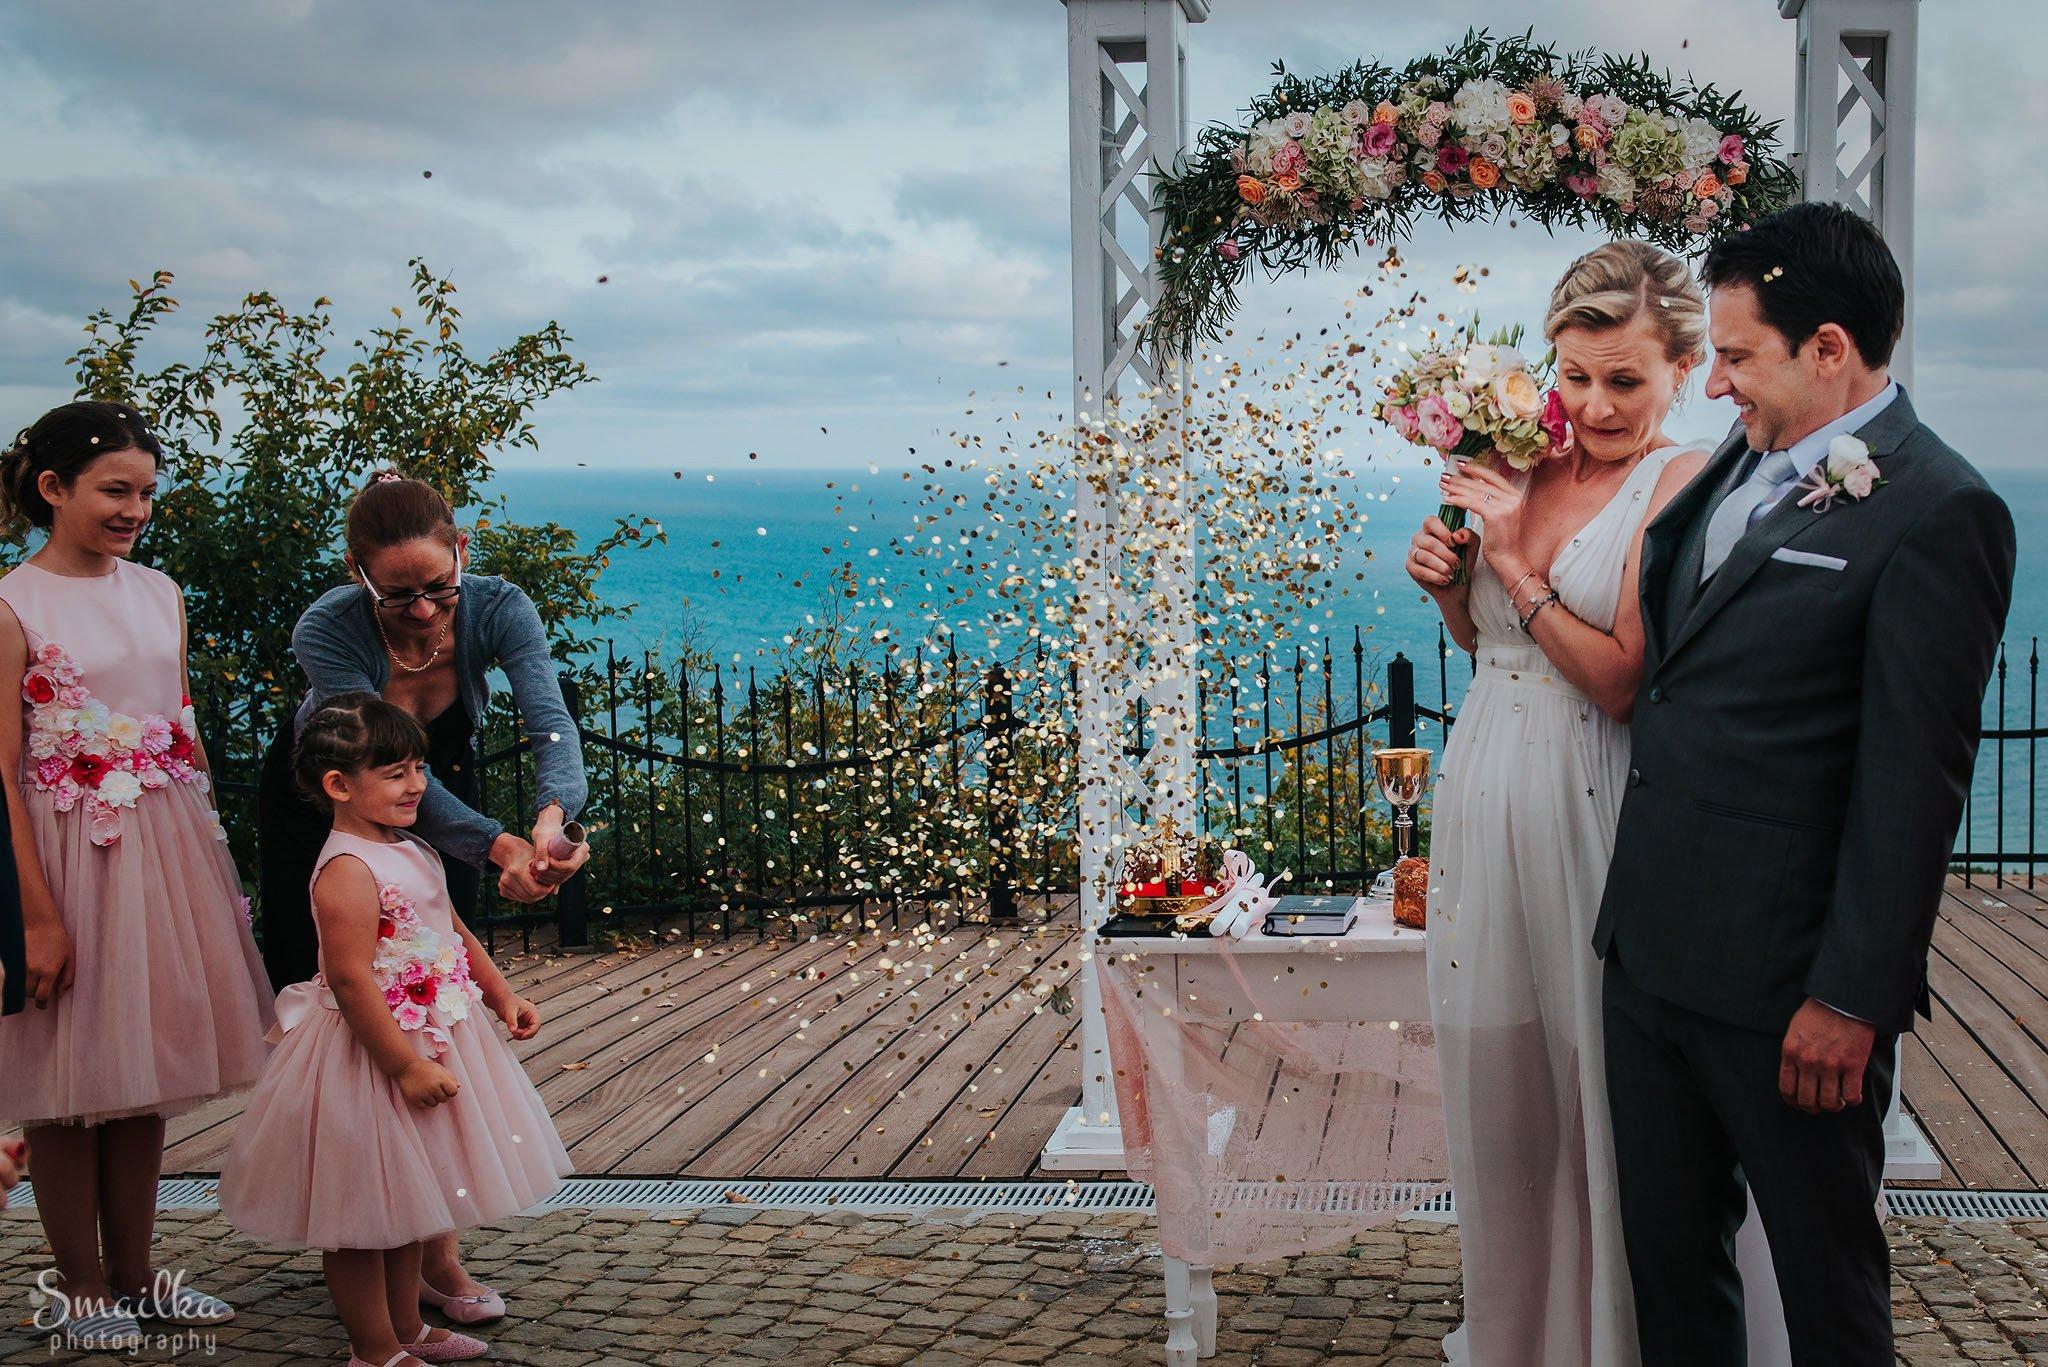 Ana and Boz confetti celebration at Black Sea Rama